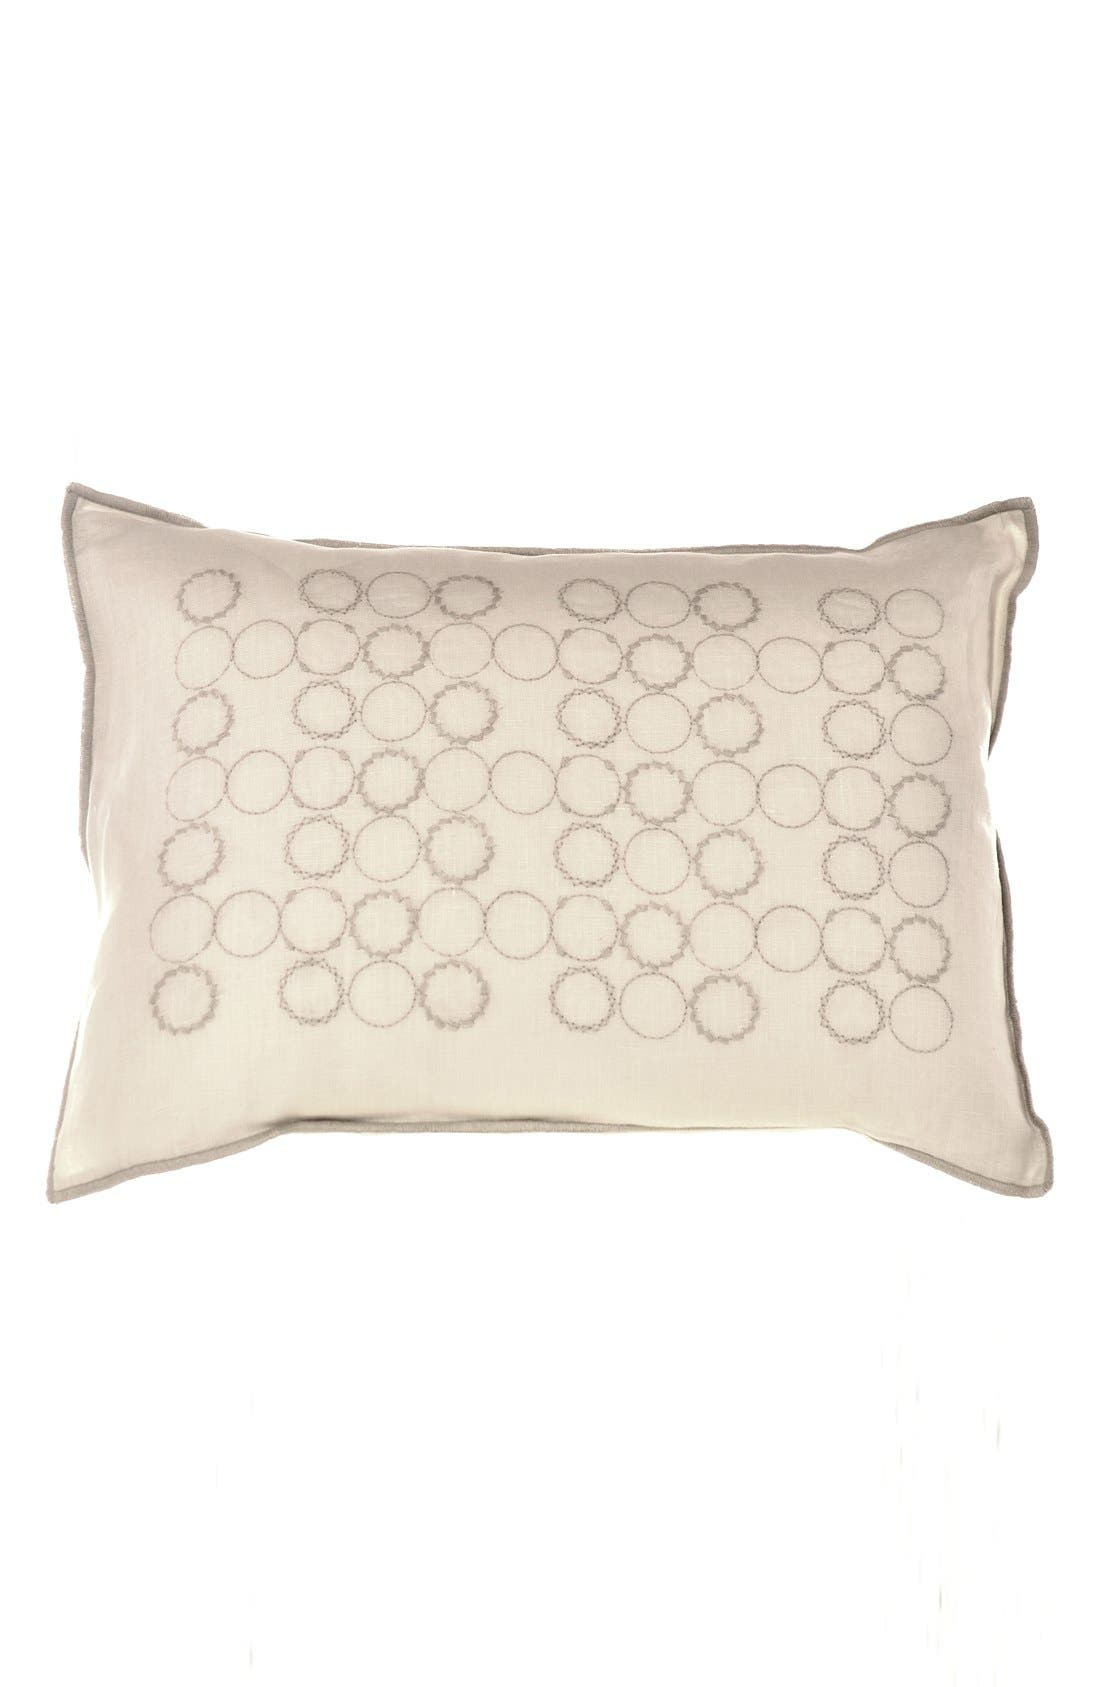 Main Image - Vera Wang Circle Embroidered Pillow